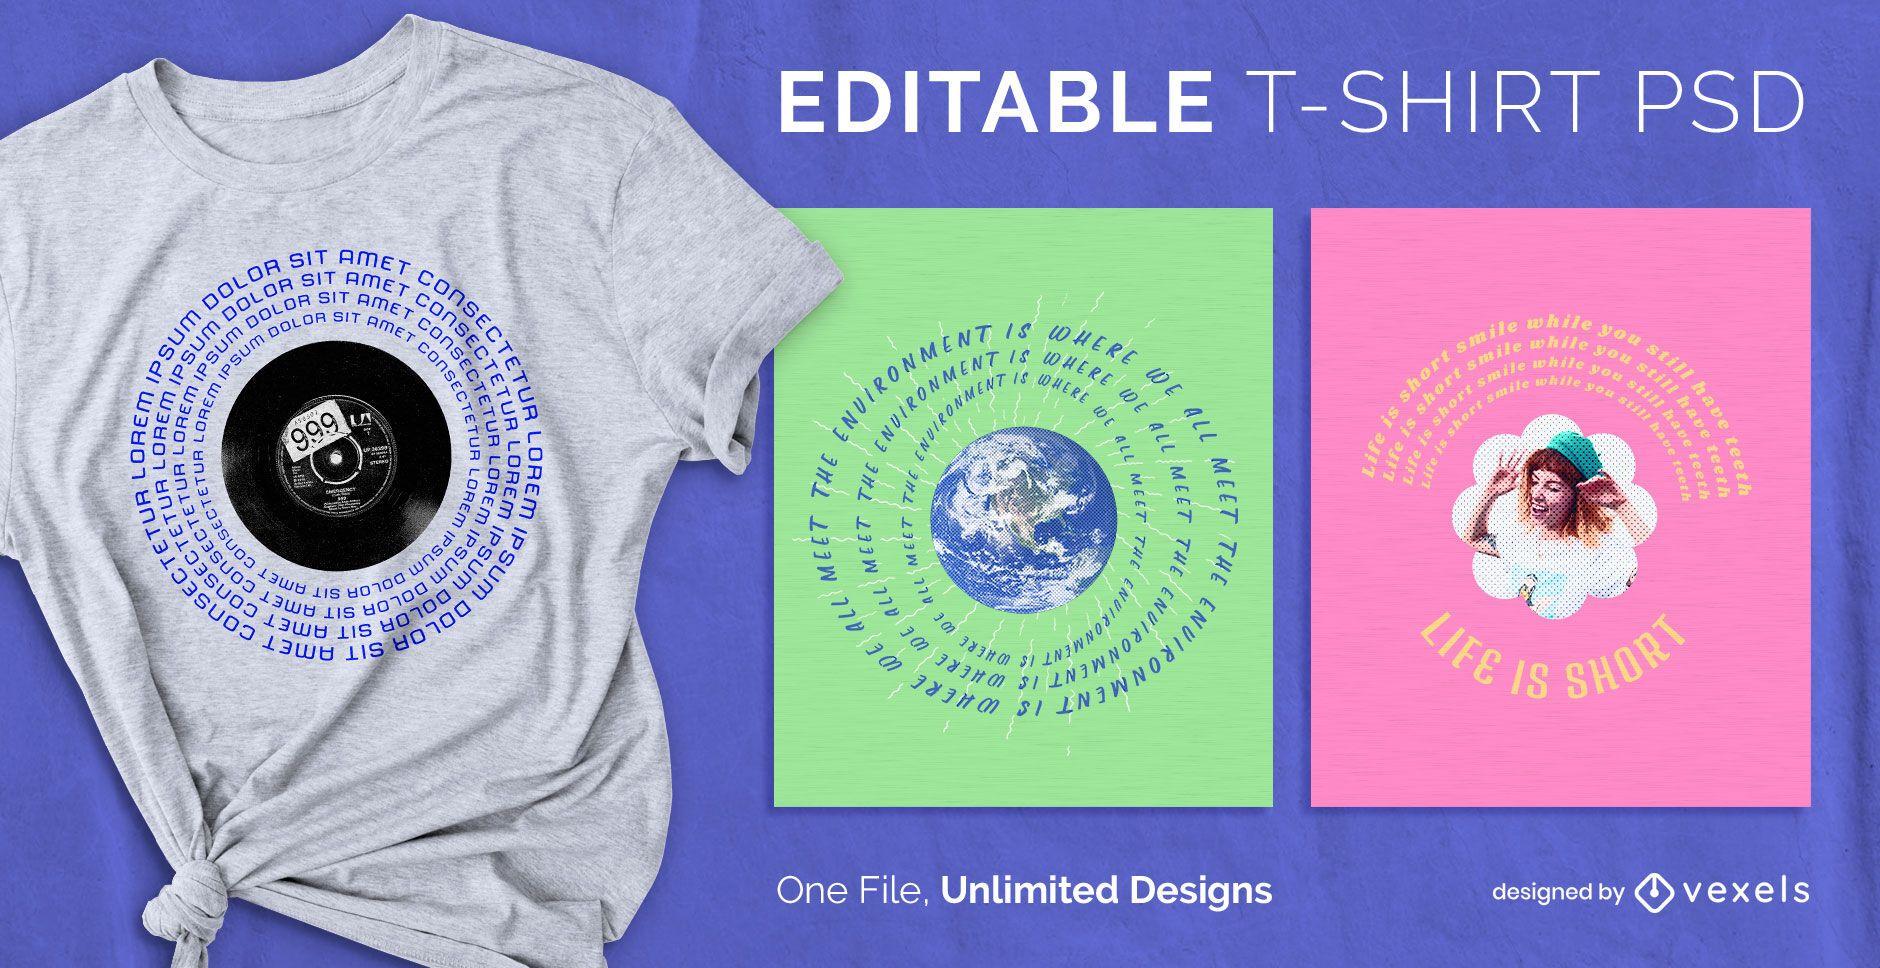 Circular text scalable t-shirt psd